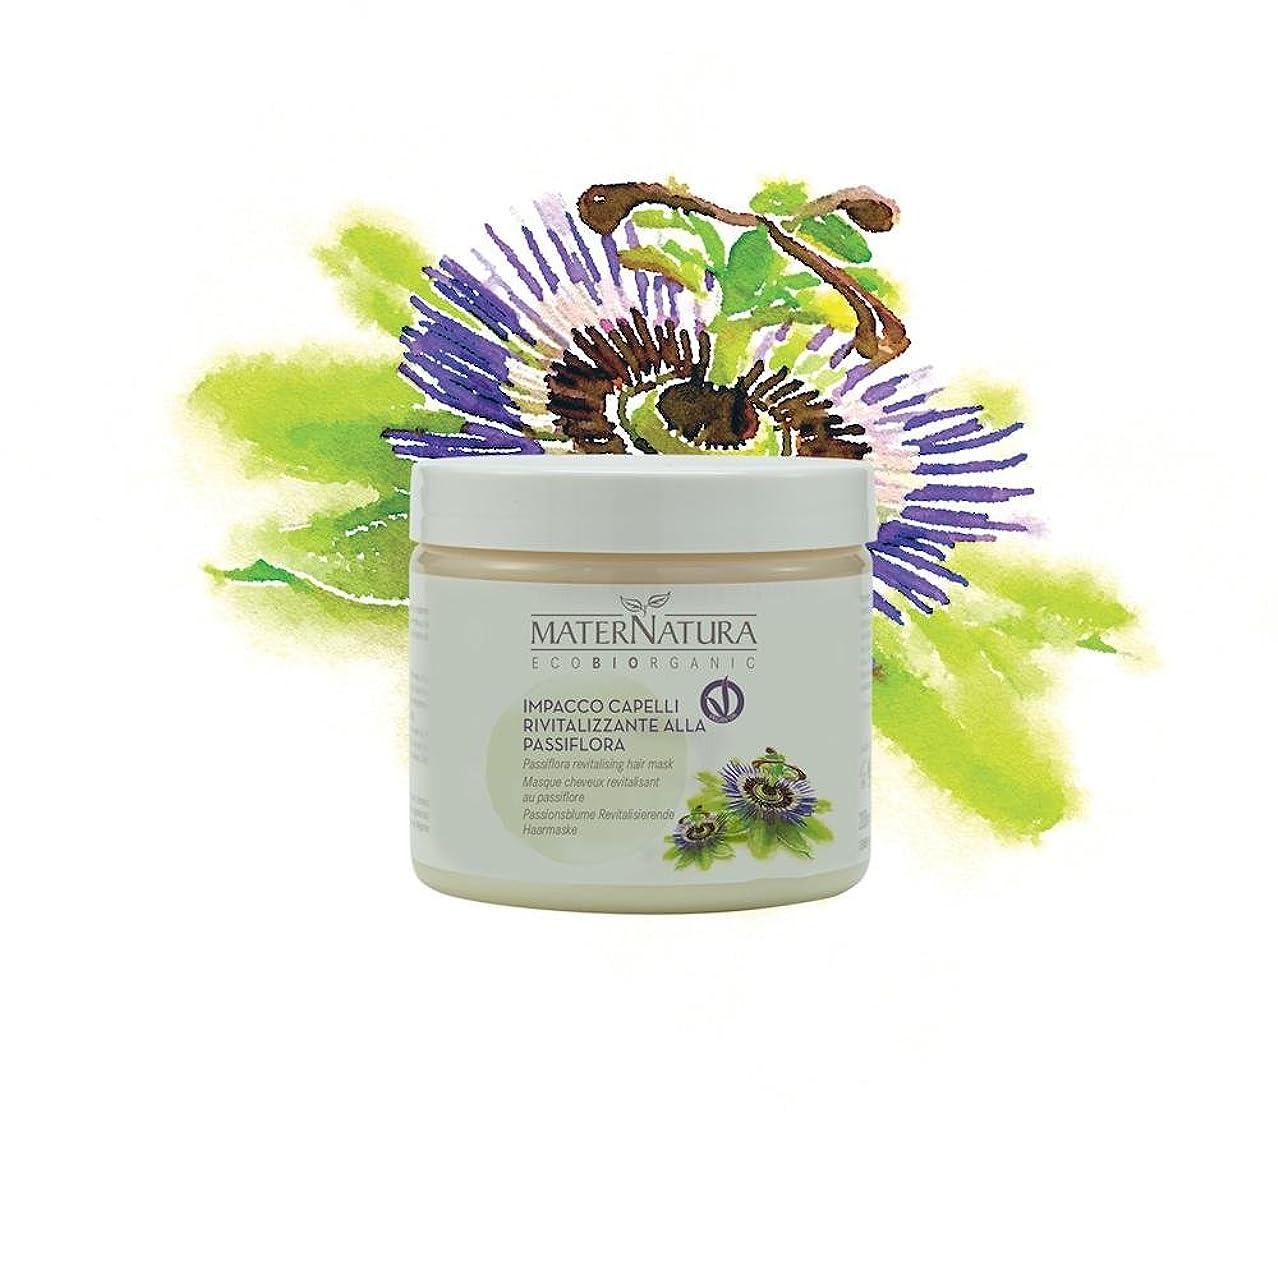 植木評価可能を除くMATERNATURA - パッションフラワーで髪の活力を取り戻します - 乾燥、ダメージのある髪の修復に役立ちます - オーガニック、完全菜食主義者、ニッケルテスト済み、イタリア製